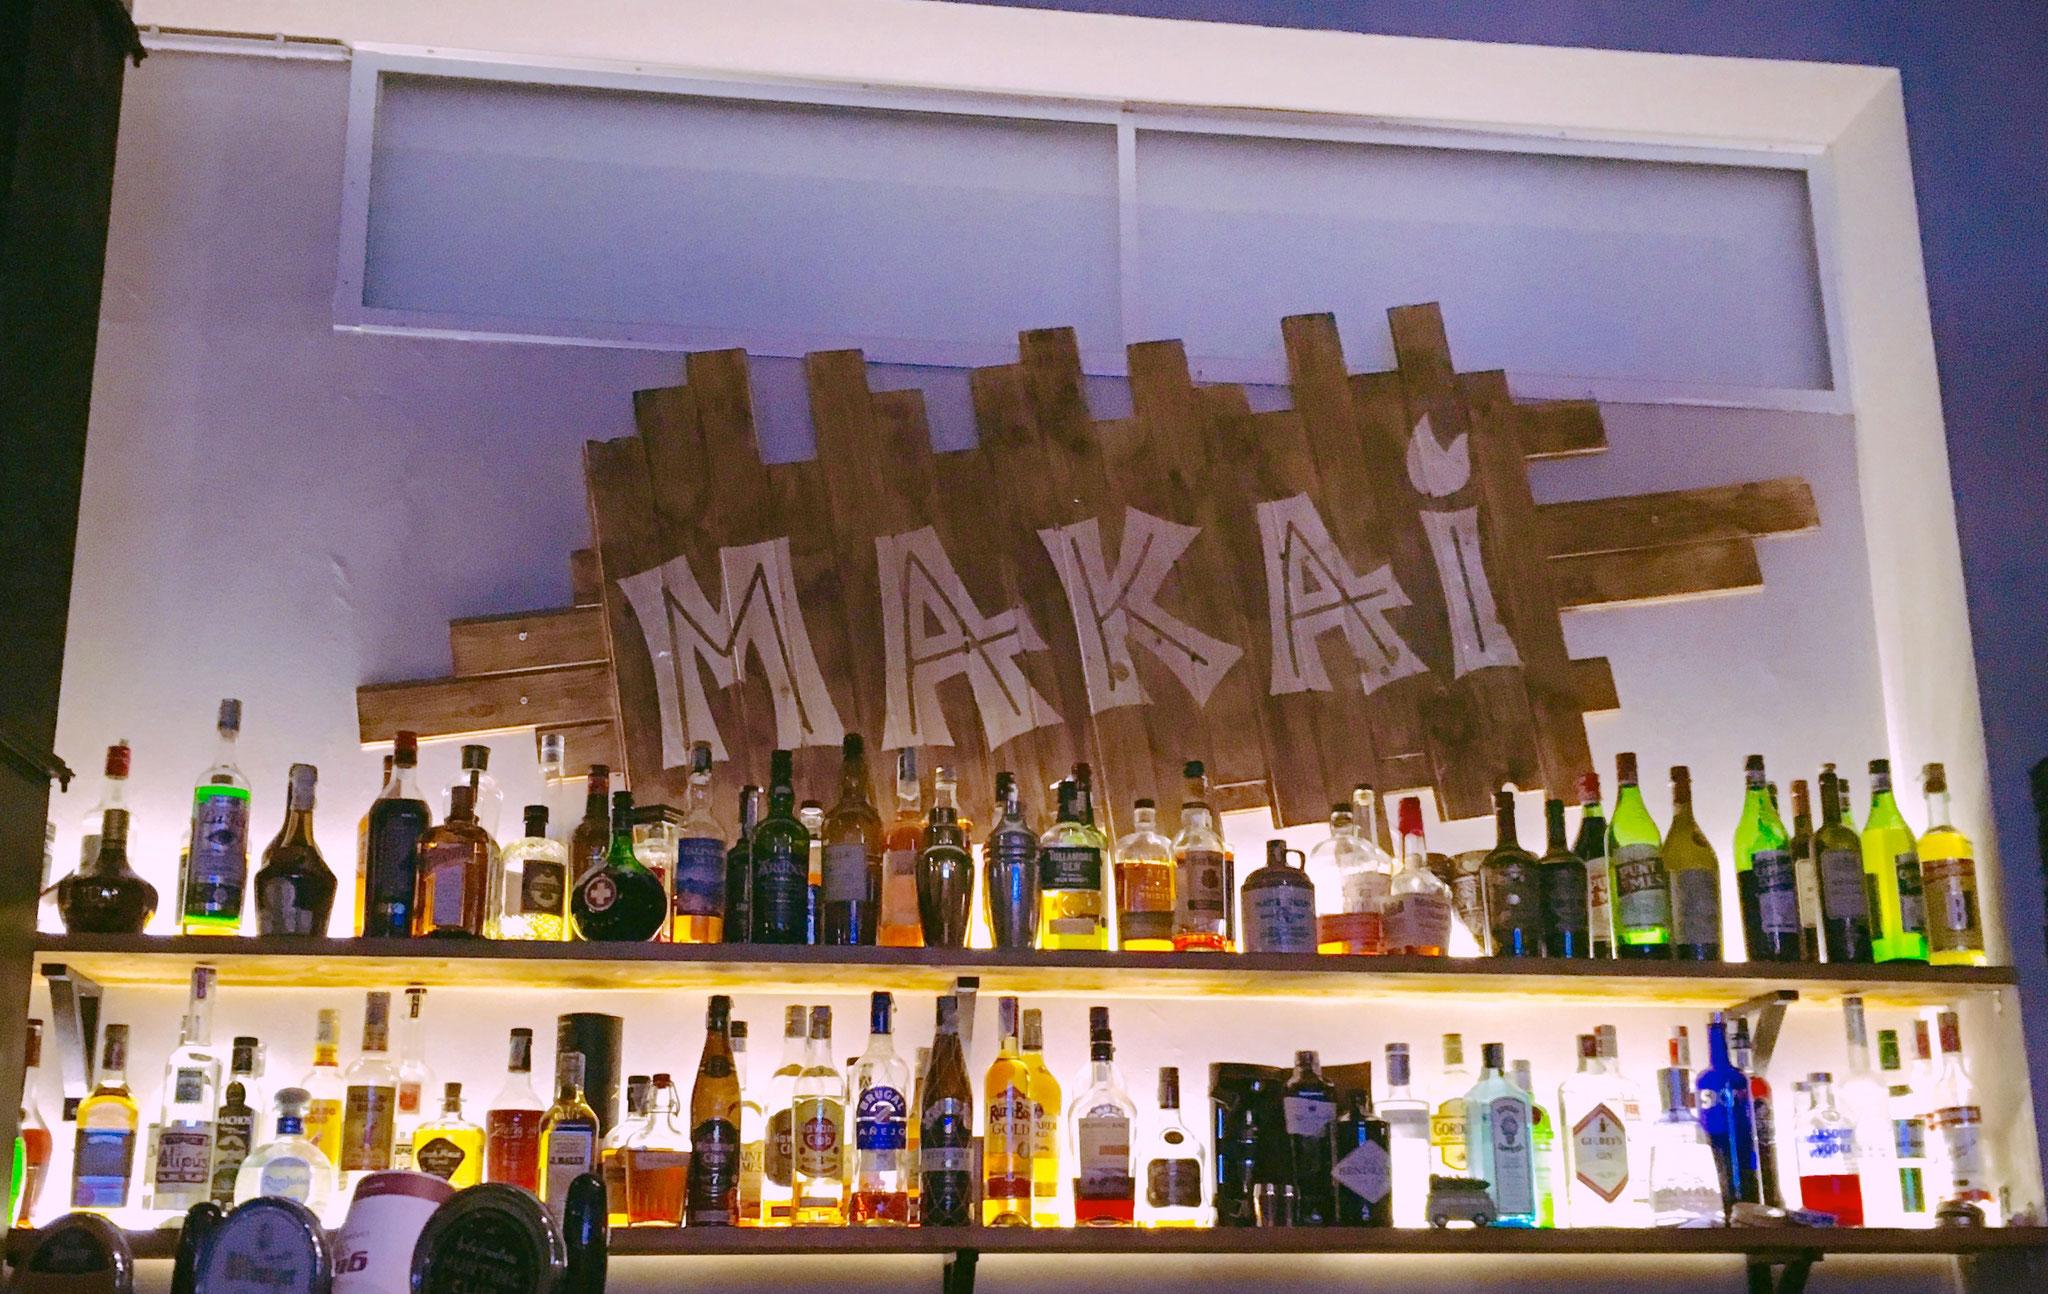 Die Makai Surf & Tiki Bar in Ostiense gehört zu den momentan coolsten Bars in ganz Rom. Inkl. Beach-Feeling und Aloha-Kitsch!